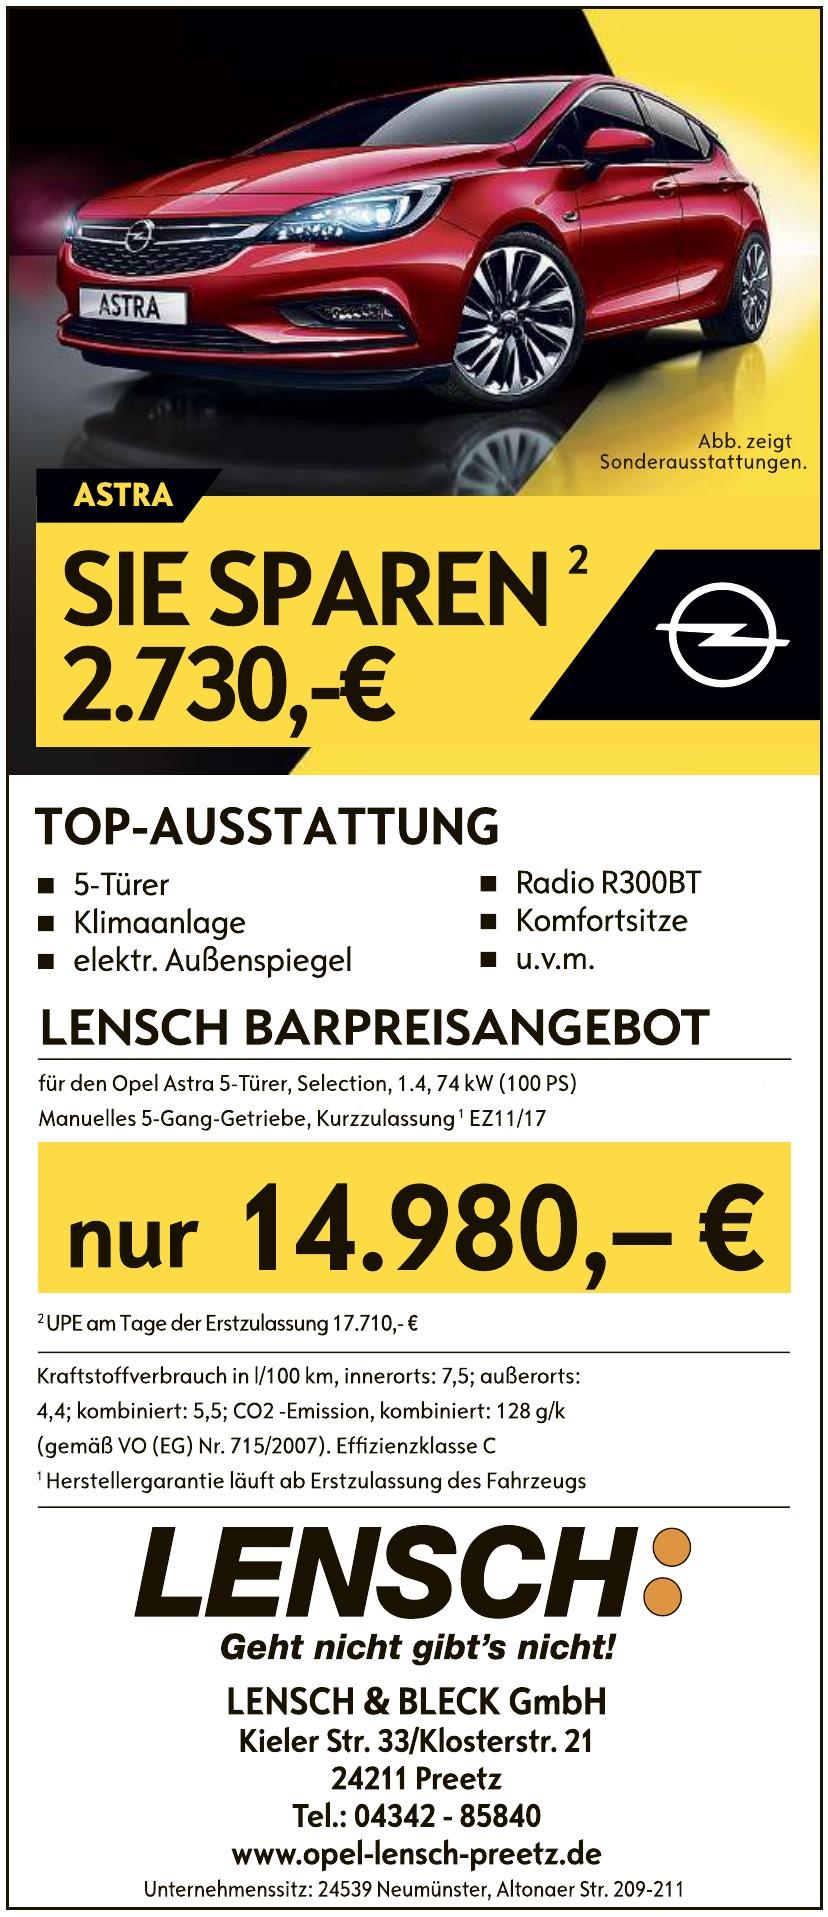 LENSCH & BLECK GmbH